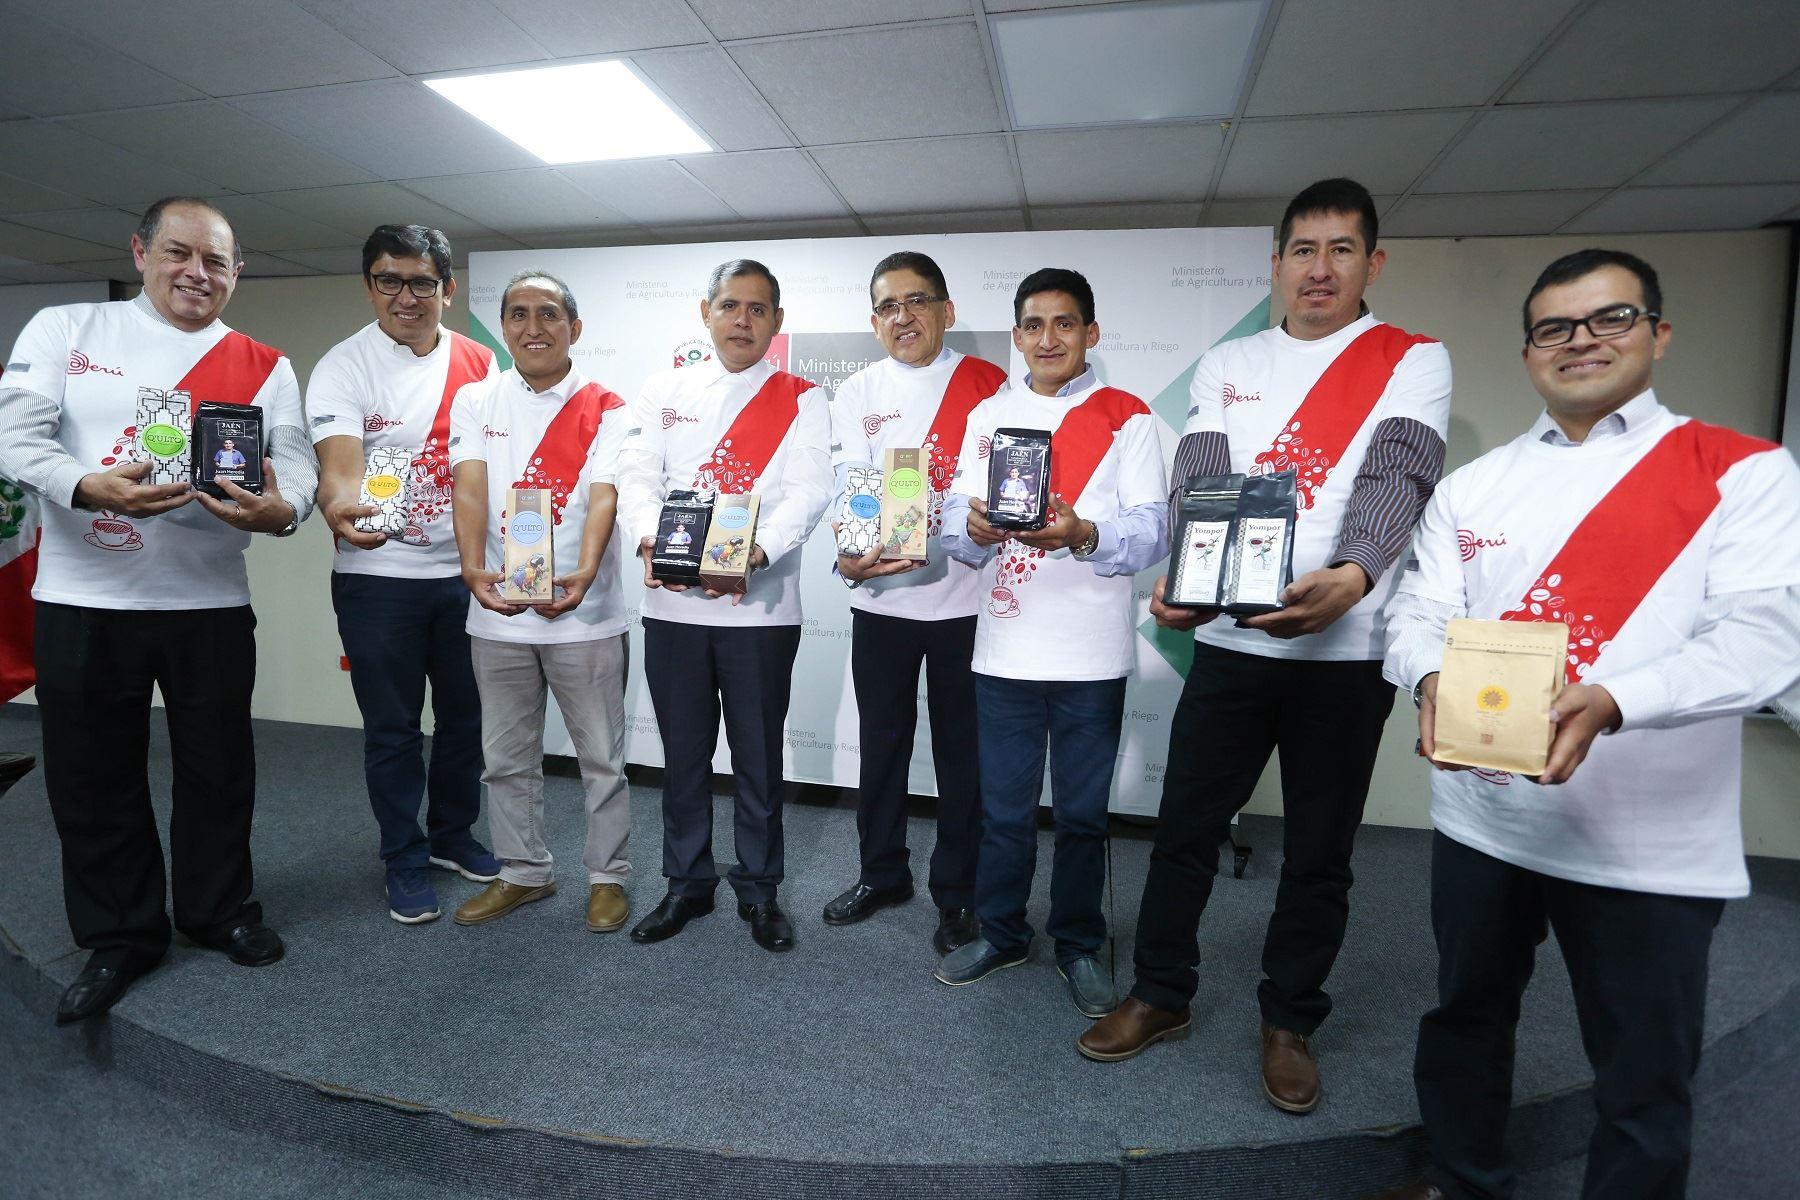 Perú es el primer abastecedor de cafés especiales a EE.UU. bajo sello de Comercio Justo.